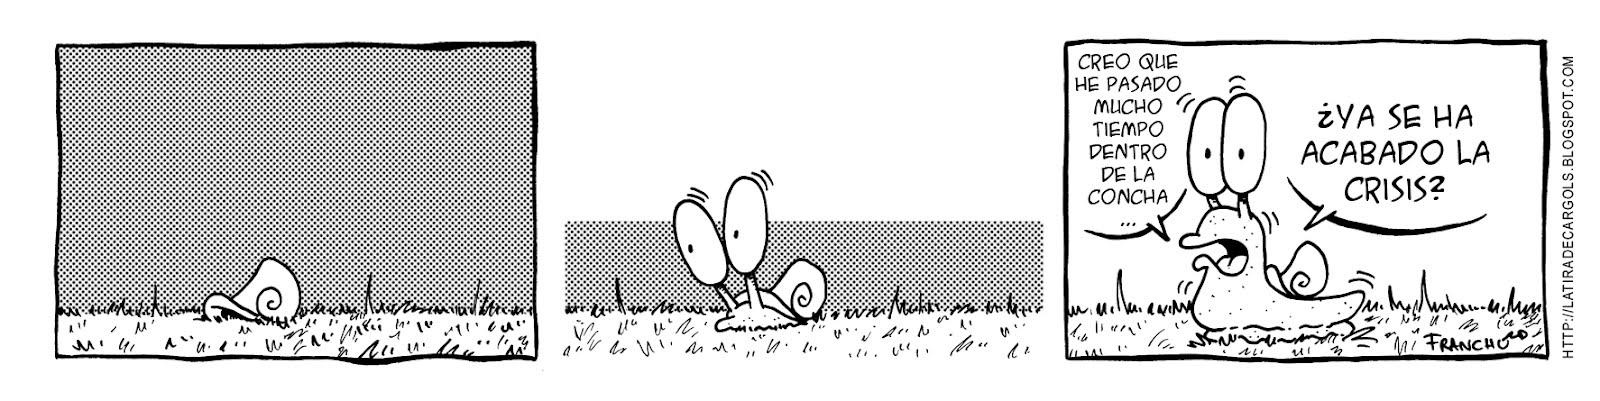 Tira comica 175 del webcomic Cargols del dibujante Franchu de Barcelona